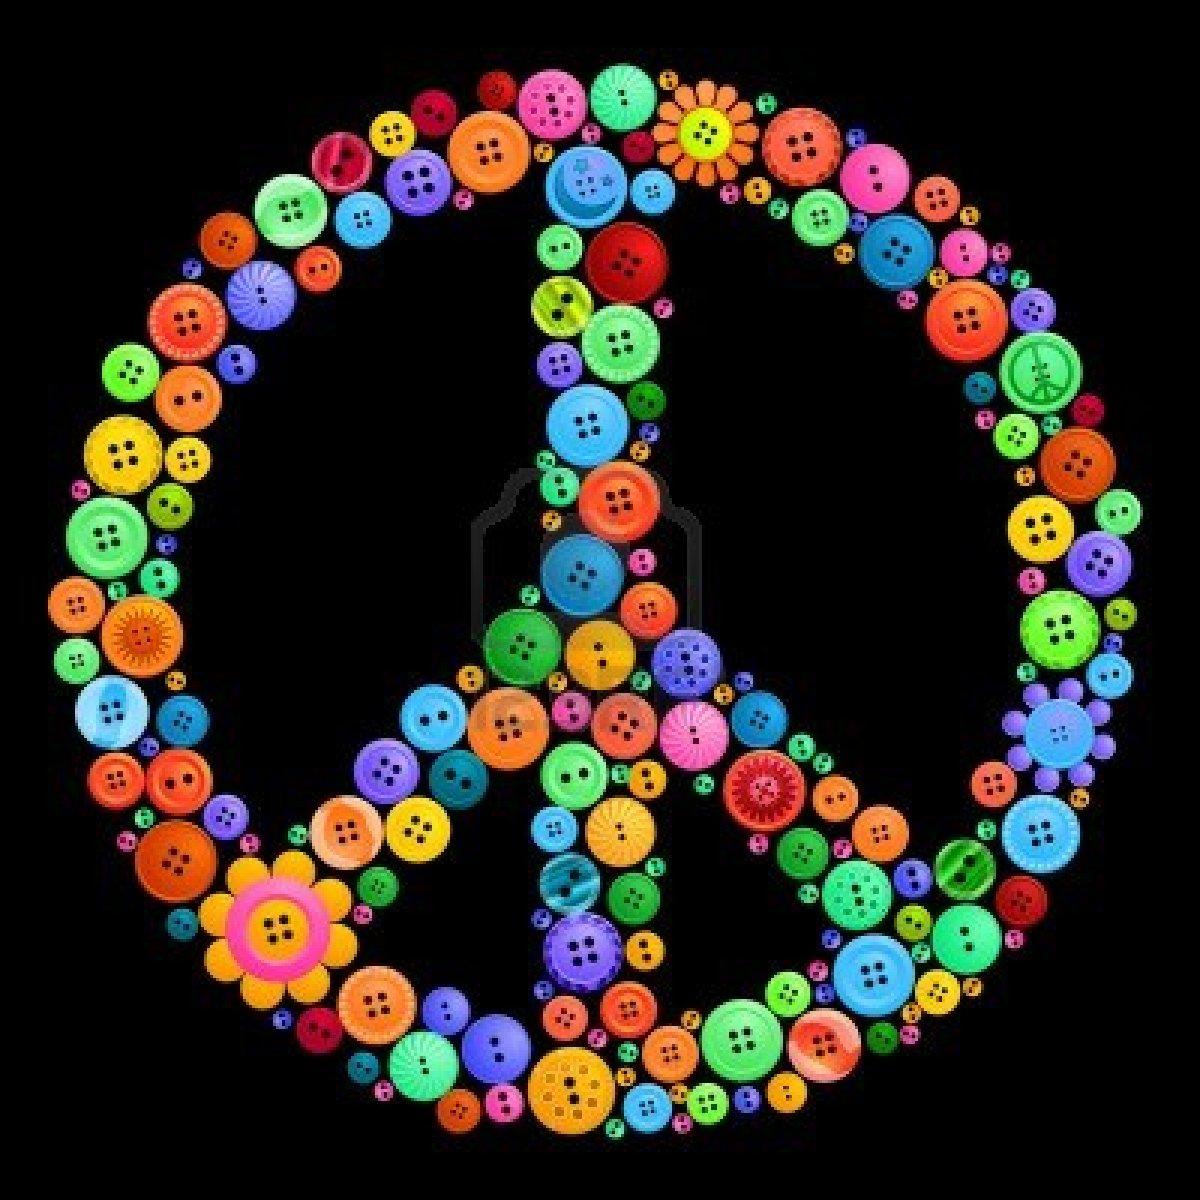 Fotos de signos de paz - Imagui